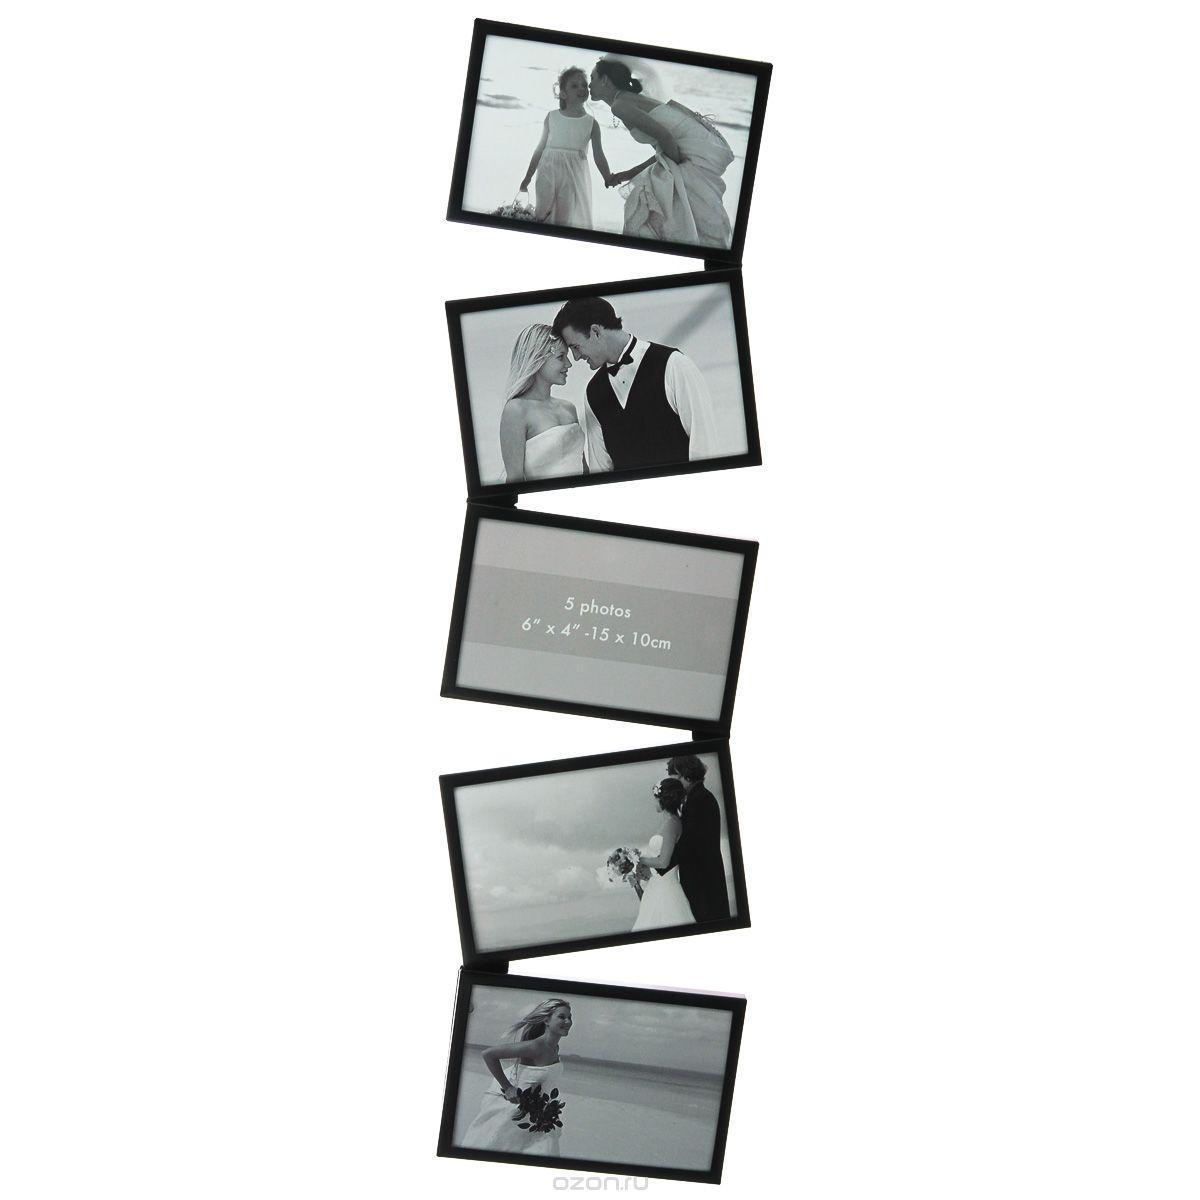 Фоторамка Image Art 6045/5-4BPB11/B017Фоторамка Image Art - прекрасный способ красиво оформить ваши фотографии. Изделие рассчитано на 5 фотографий. Фоторамка выполнена из металла и защищена стеклом. Фоторамку можно поставить на стол или подвесить на стену, для чего с задней стороны предусмотрены специальные отверстия. Такая фоторамка поможет сохранить на память самые яркие моменты вашей жизни, а стильный дизайн сделает ее прекрасным дополнением интерьера.